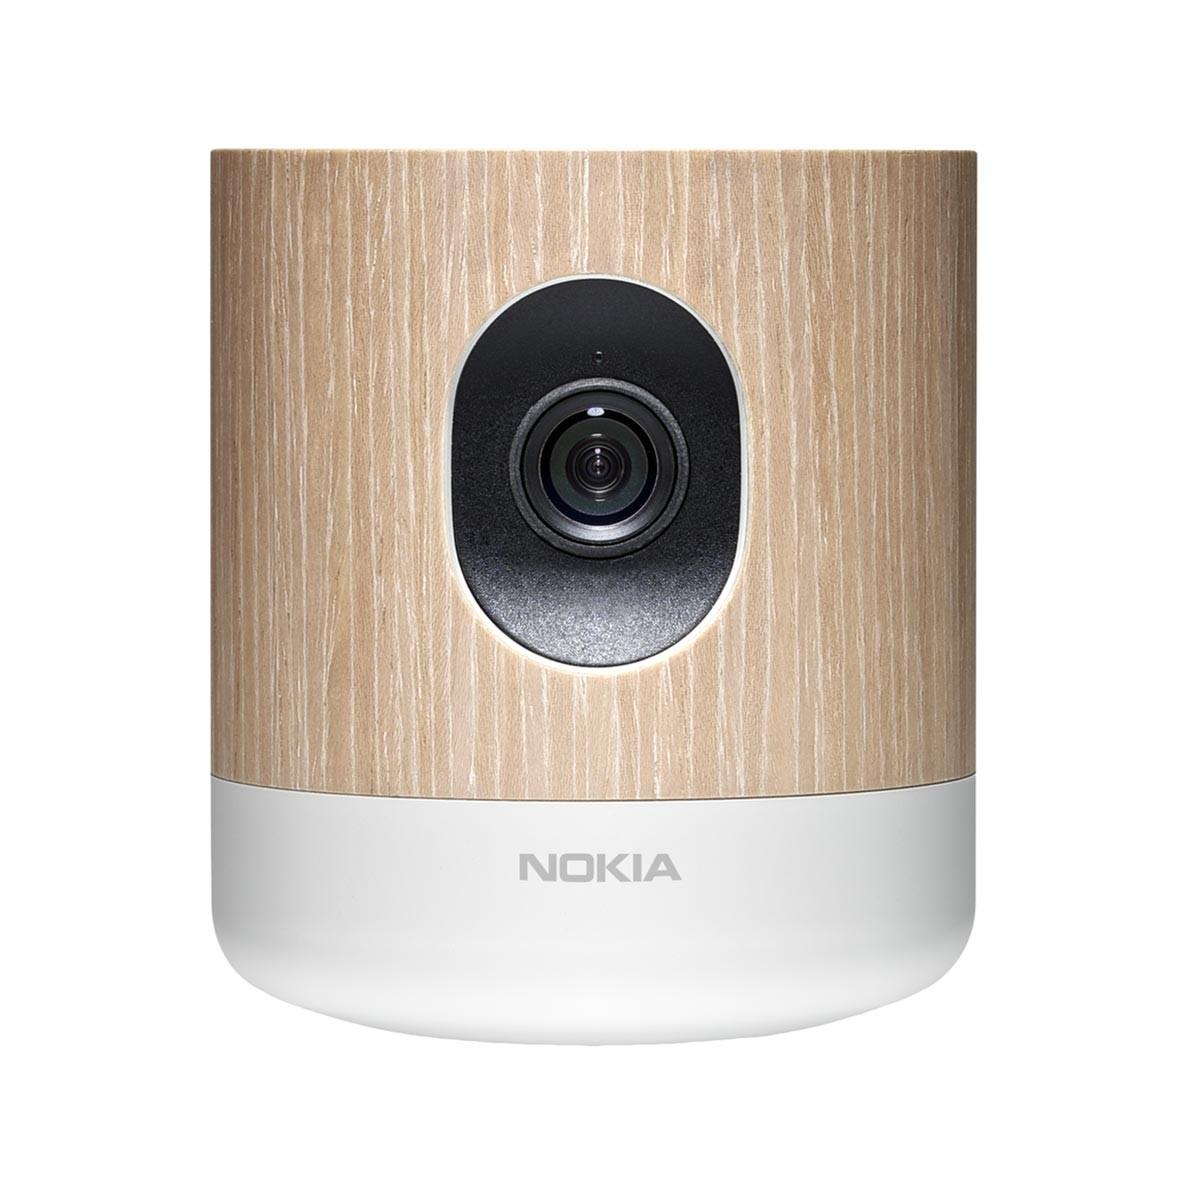 Nokia Home, domácí kamera s kontrolou kvality vzduchu